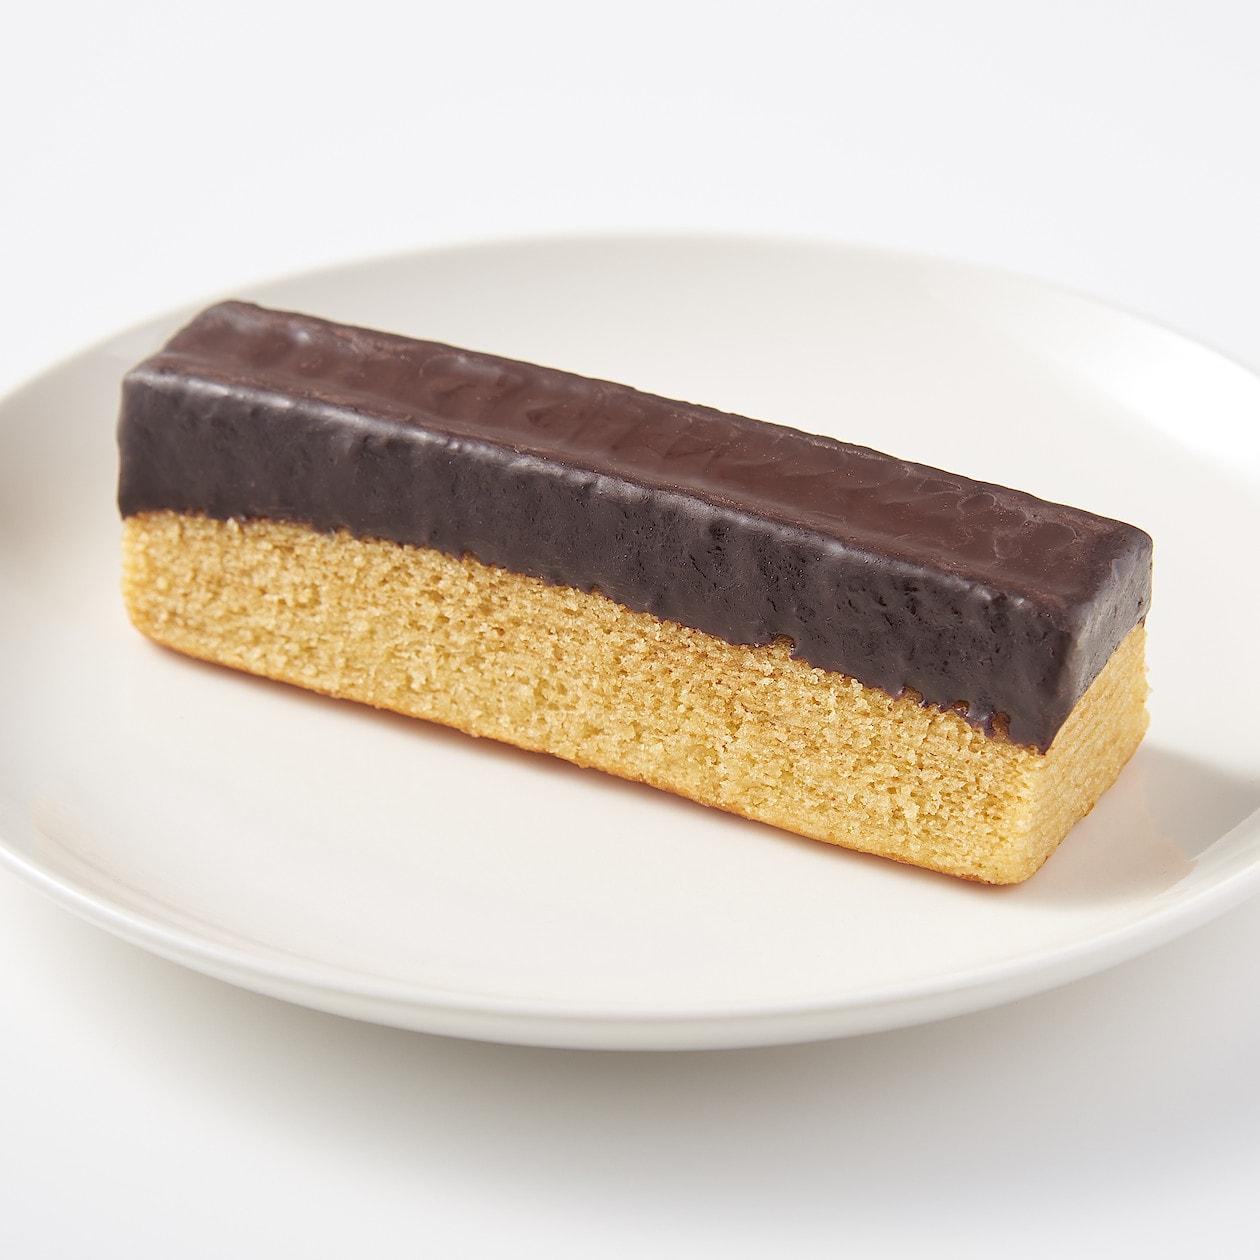 無印良品 不揃い チョコがけバナナバウム